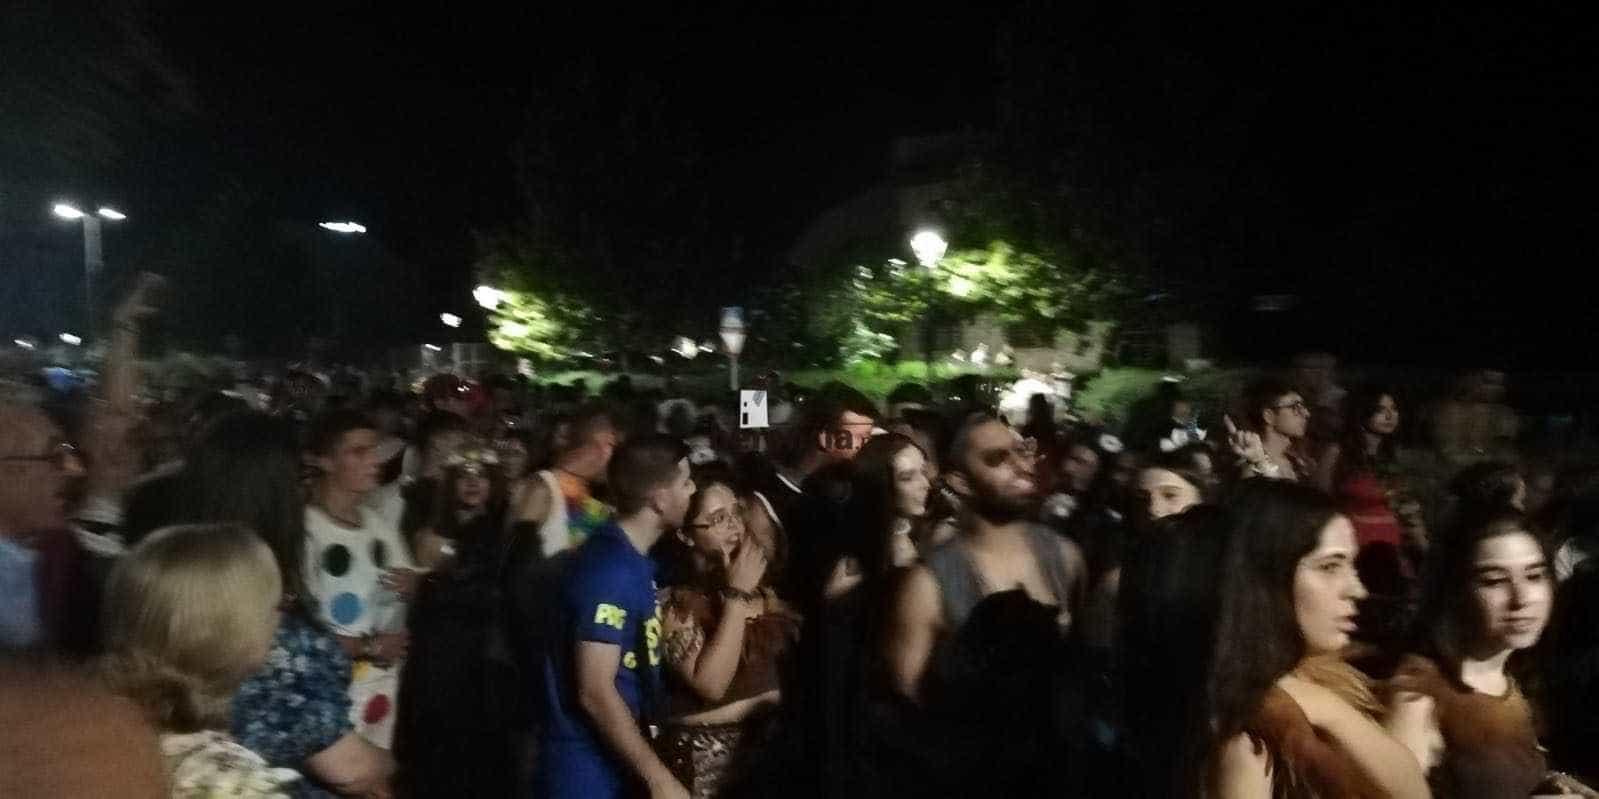 Carnaval de herencia 2019 galeria 16 - Galería de fotografías del Carnaval de Verano 2019